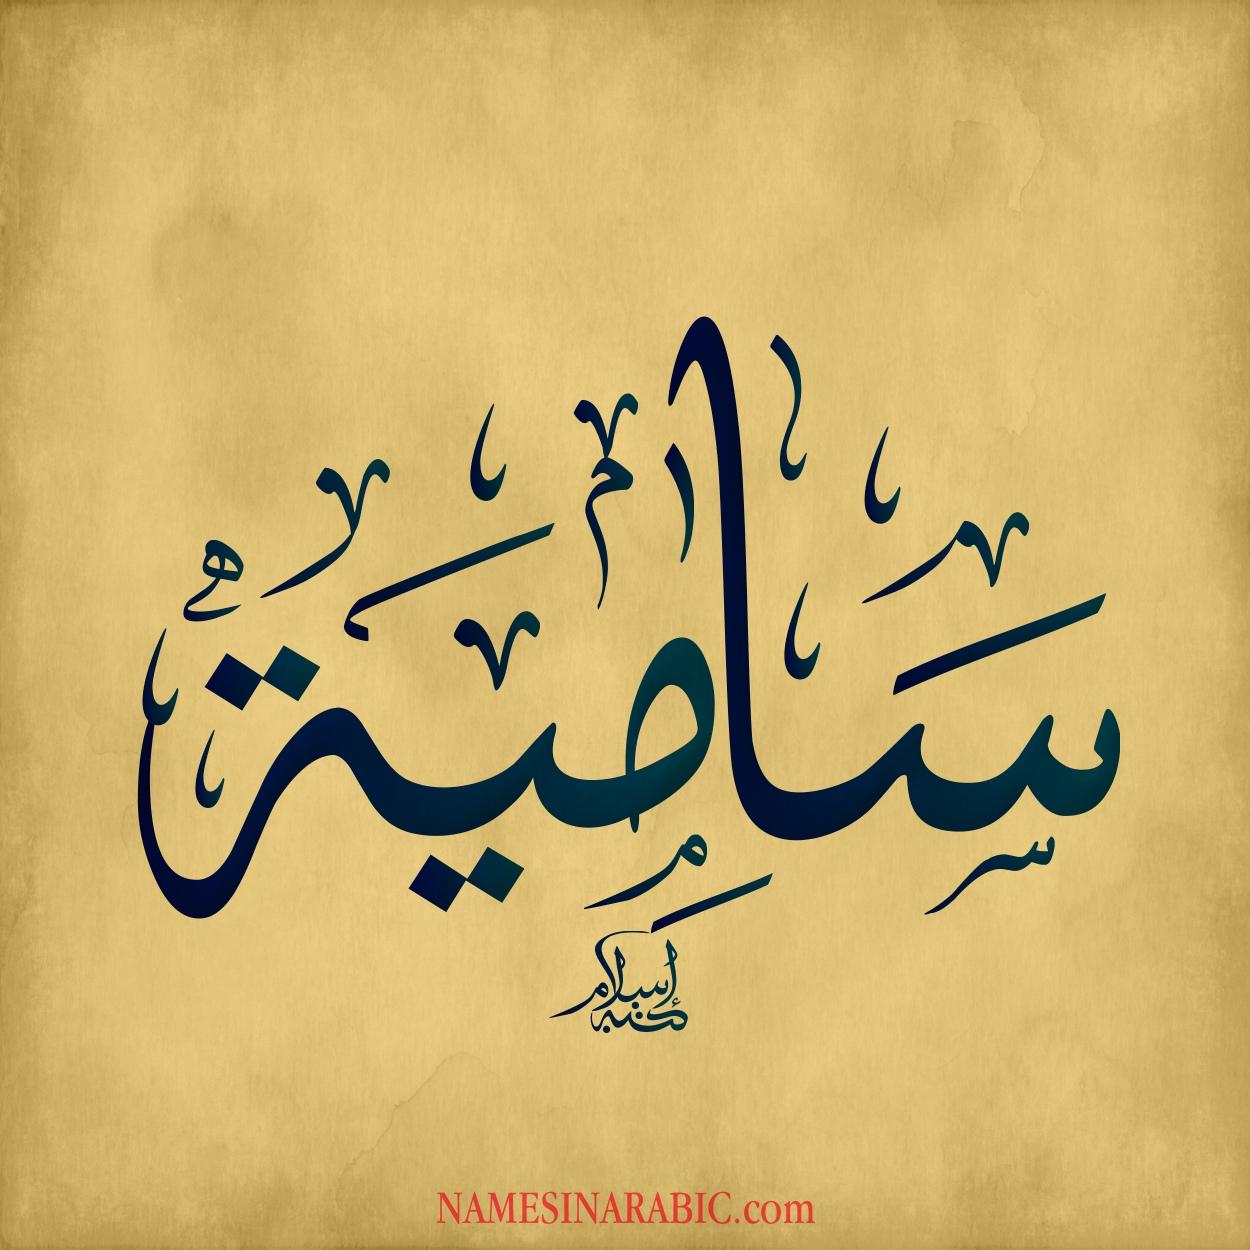 Samia-Name-in-Arabic-Calligraphy.jpg